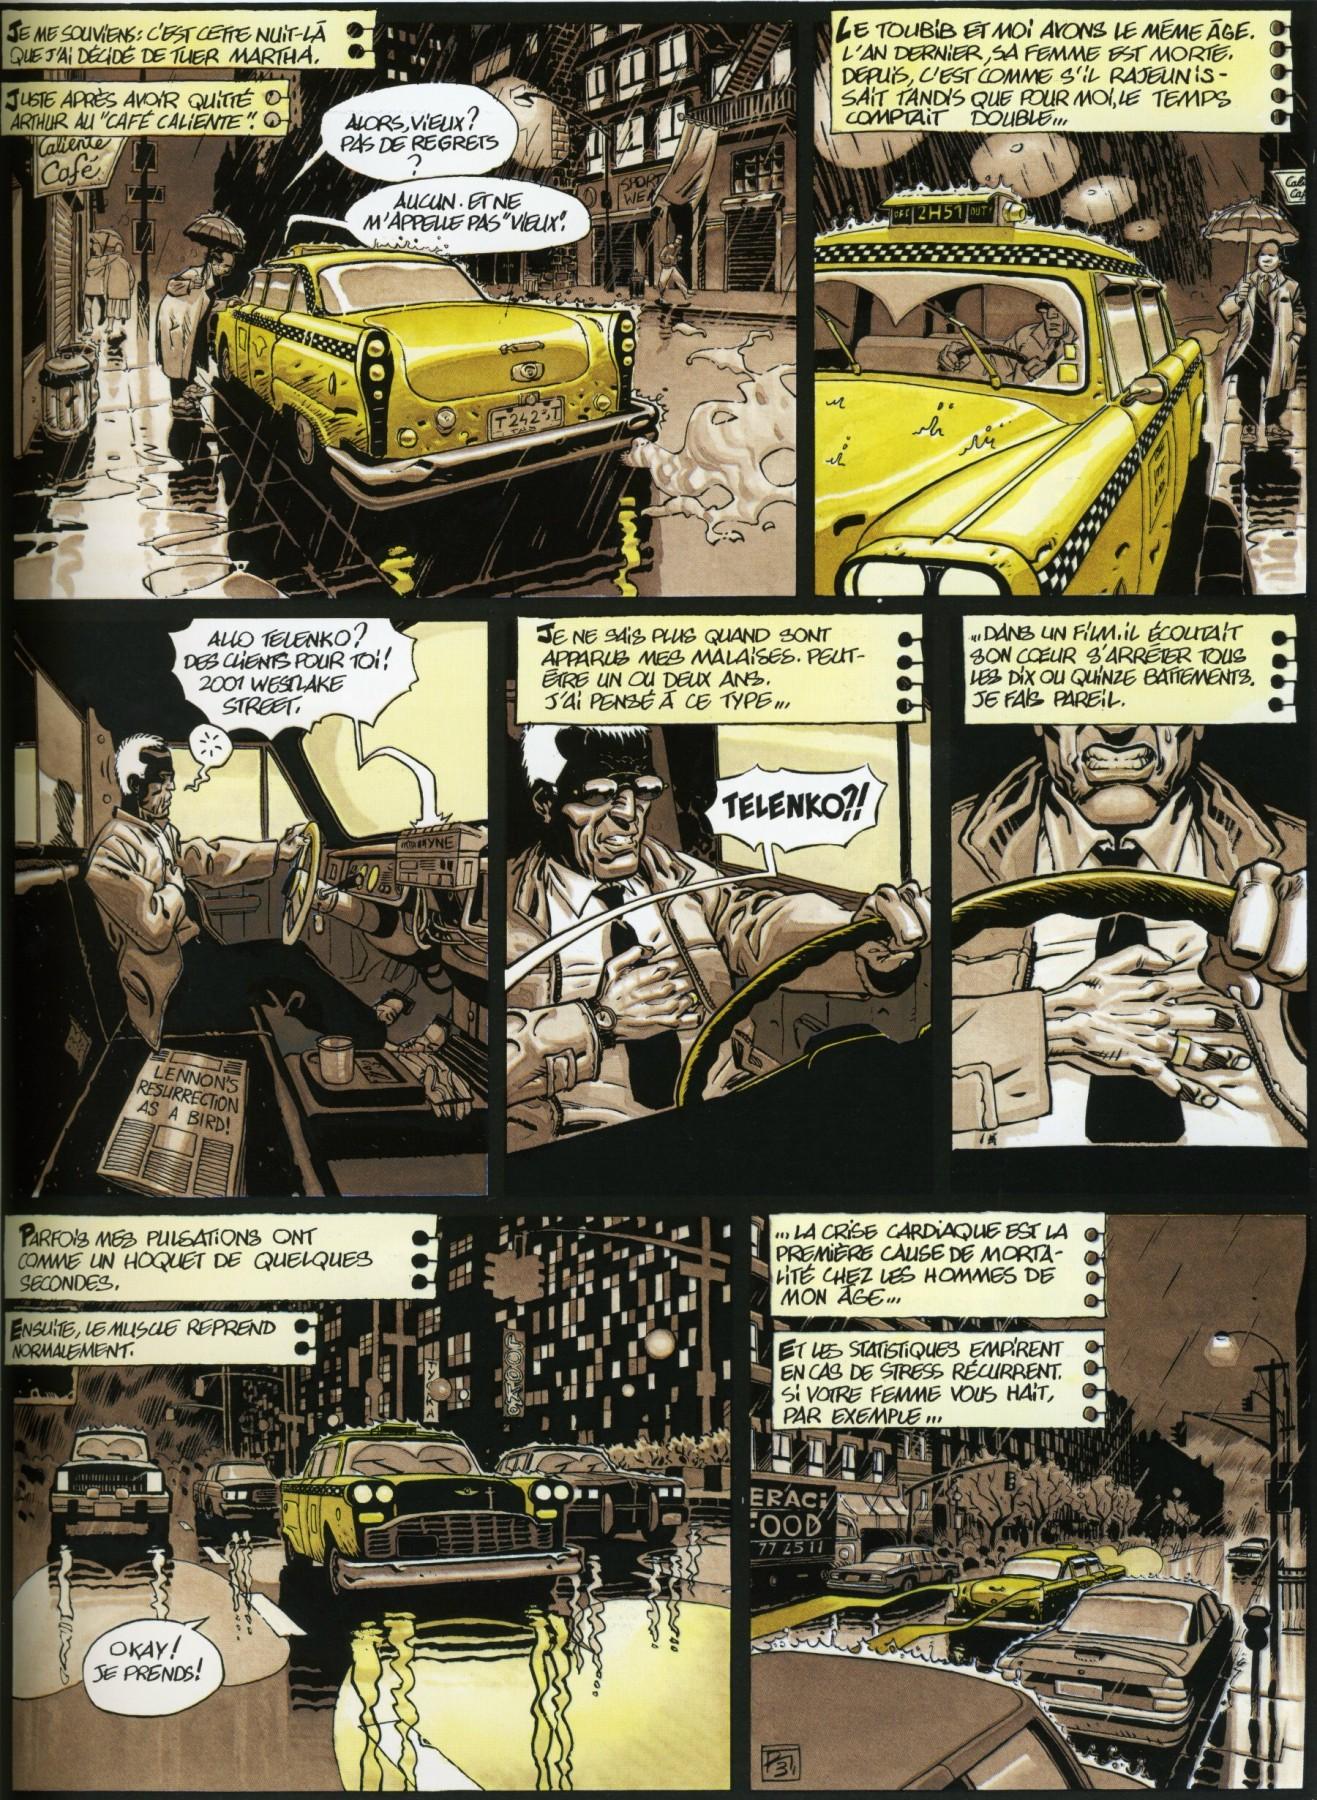 """Des envies de meurtre... (Planche 3 pour Le Coeur de Telenko"""" - Dargaud, 1997)"""